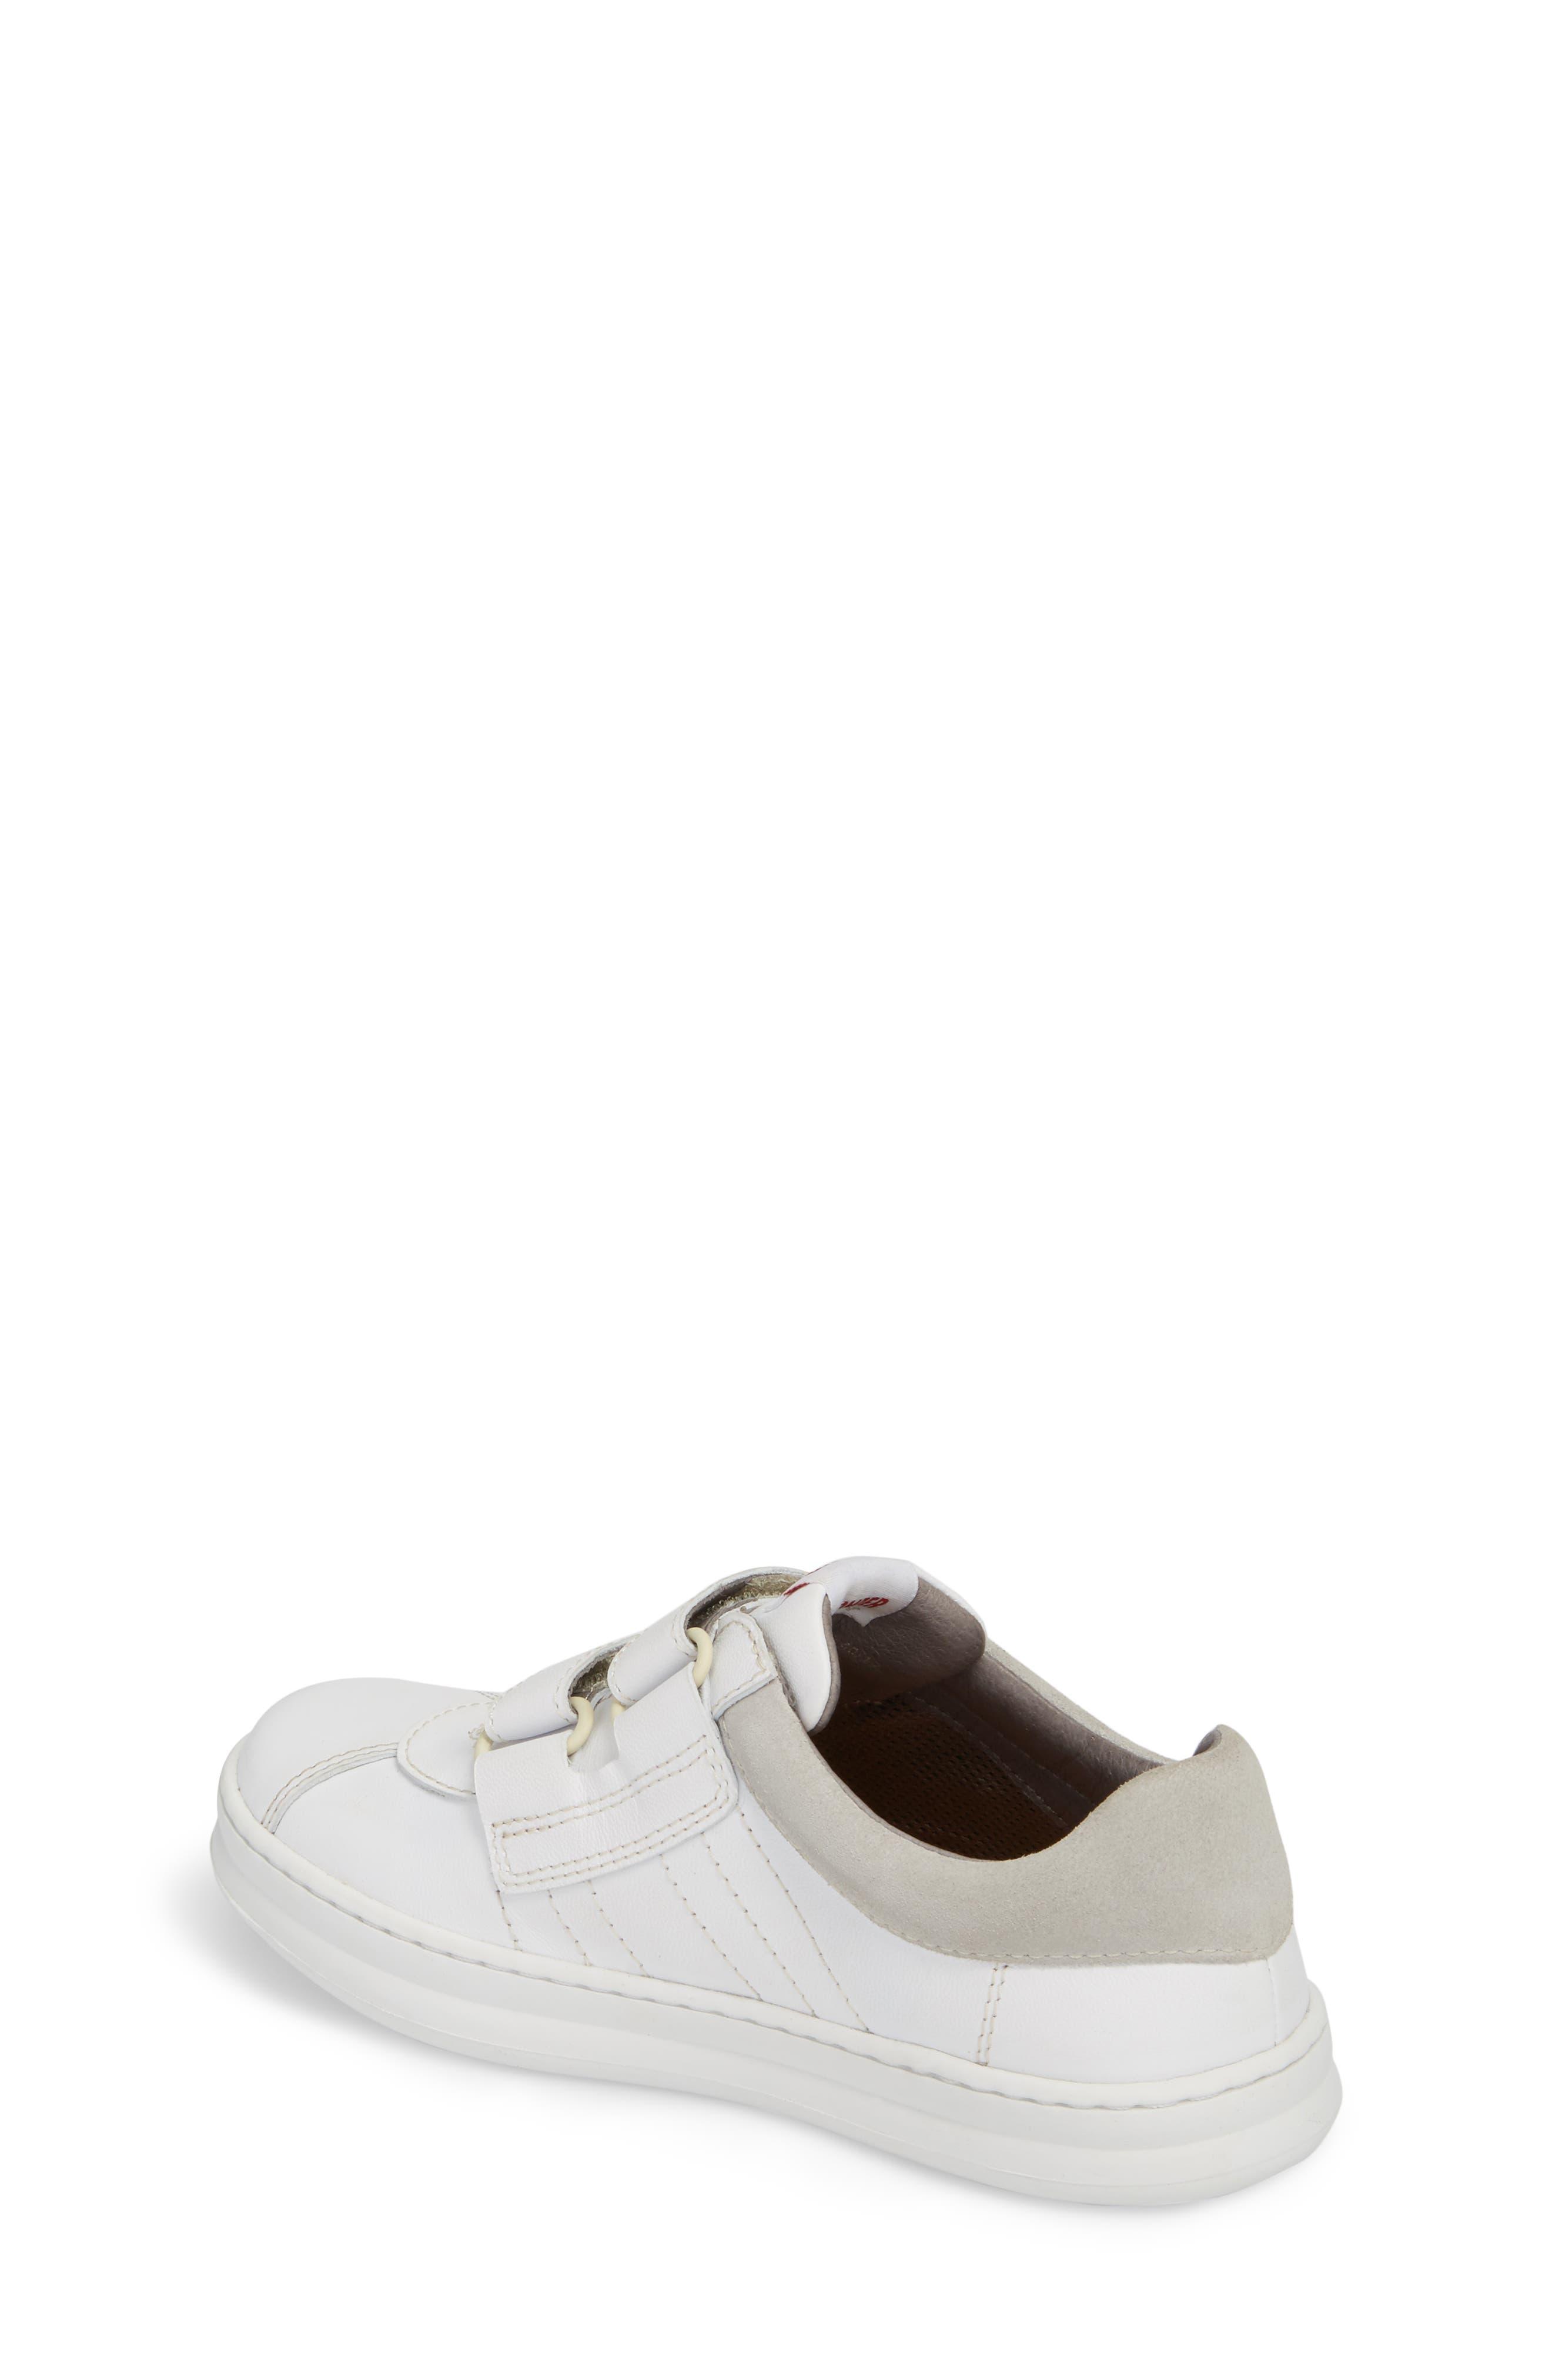 Runner Sneaker,                             Alternate thumbnail 2, color,                             WHITE